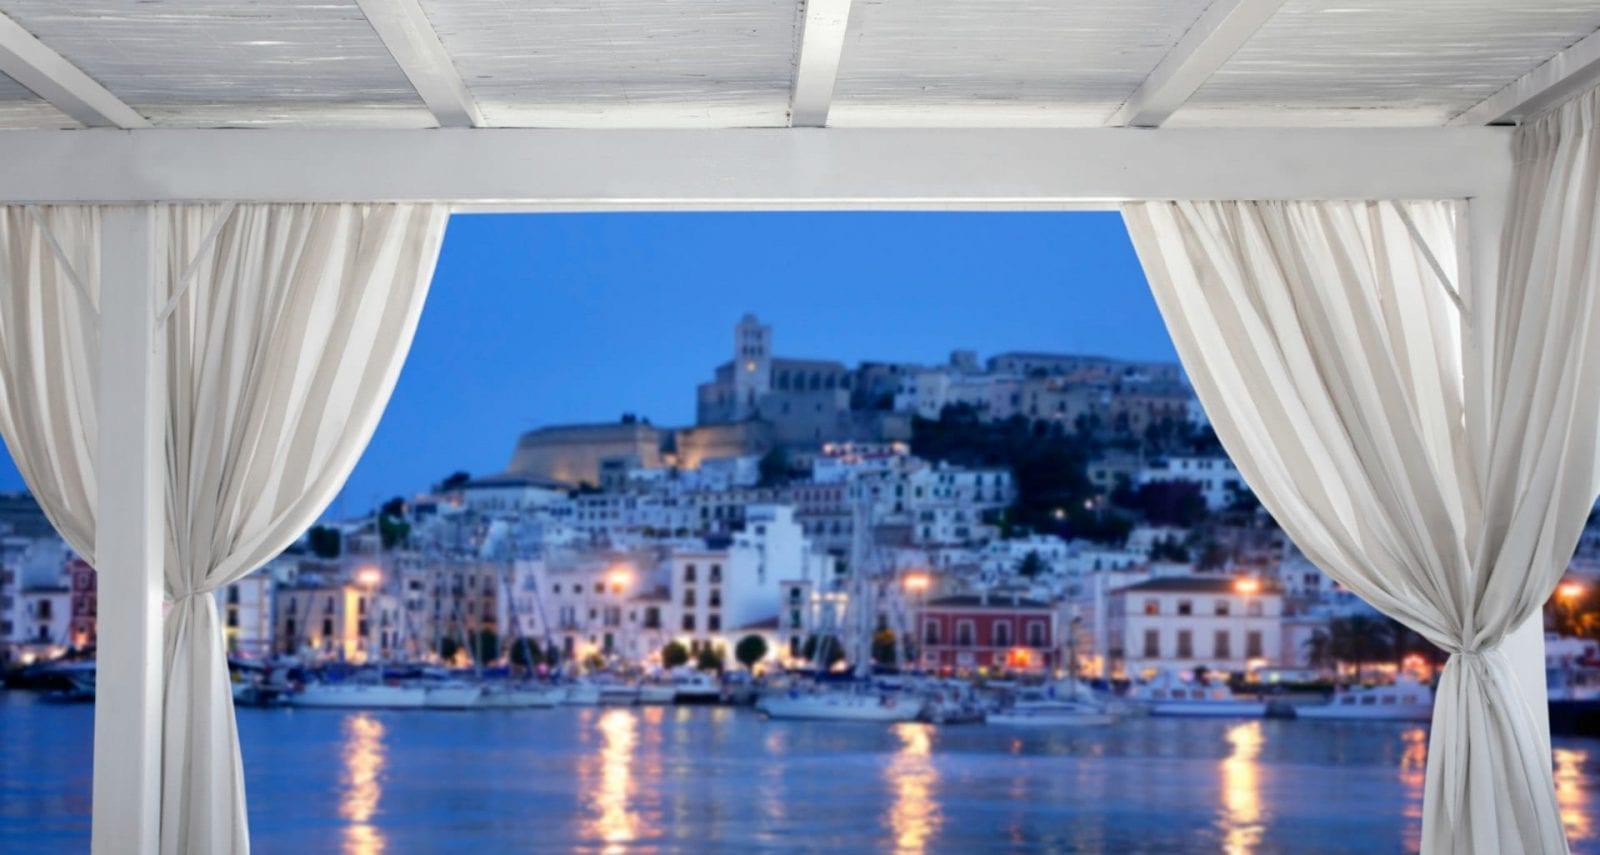 Чартер яхт на Мальорке и Ивисе: В окружении восхитительной природы и отличных развлечений